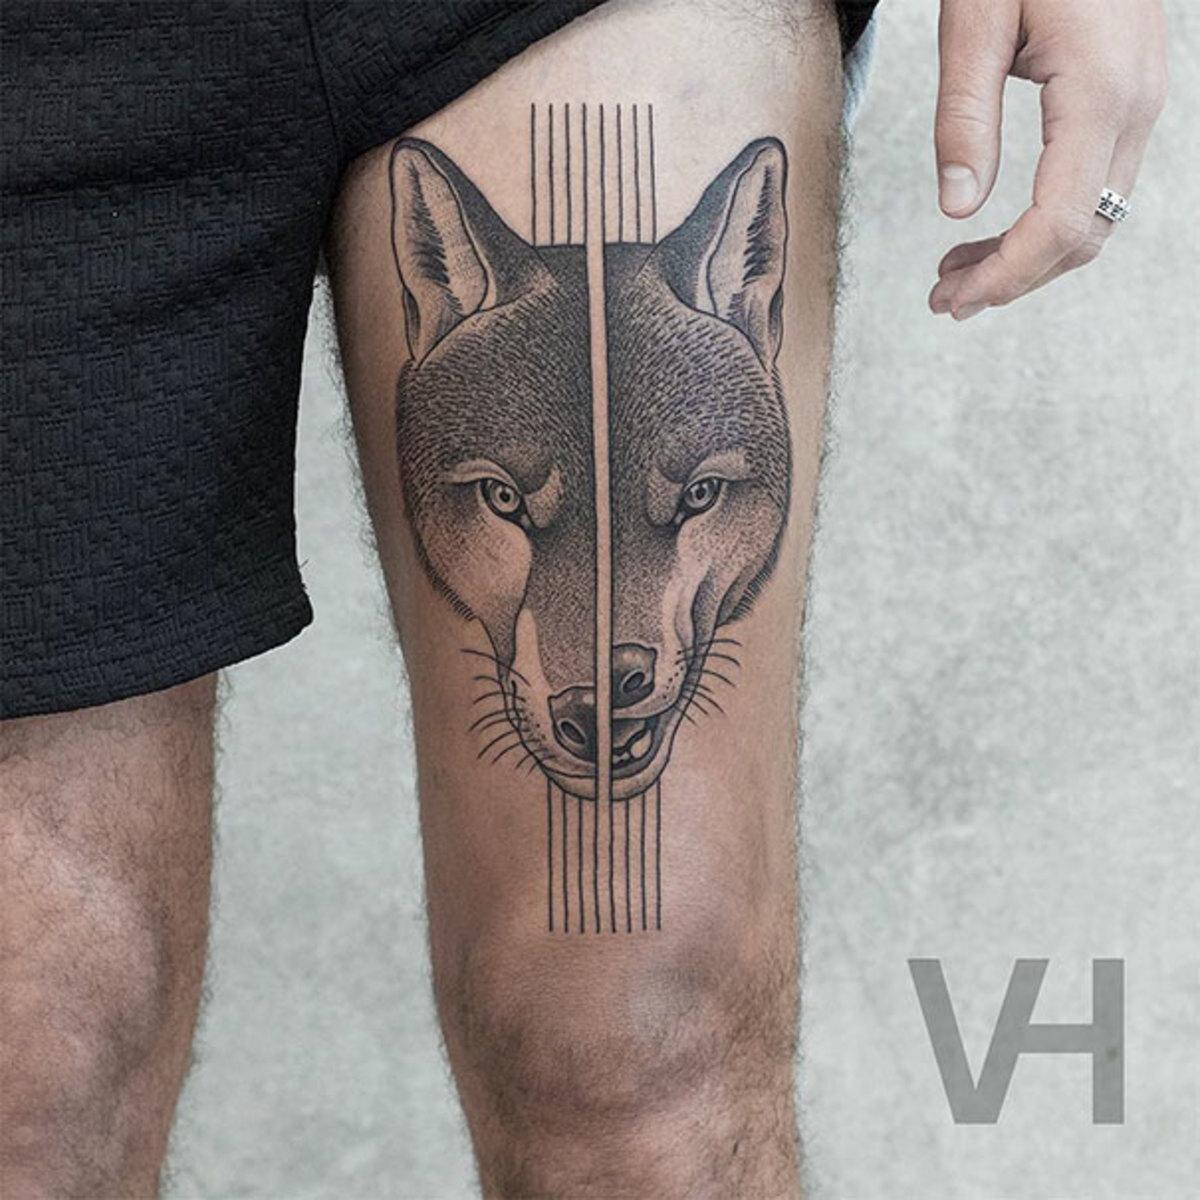 symmetrical-tattos-designs-valentin-hirsch-24jpg.jpg